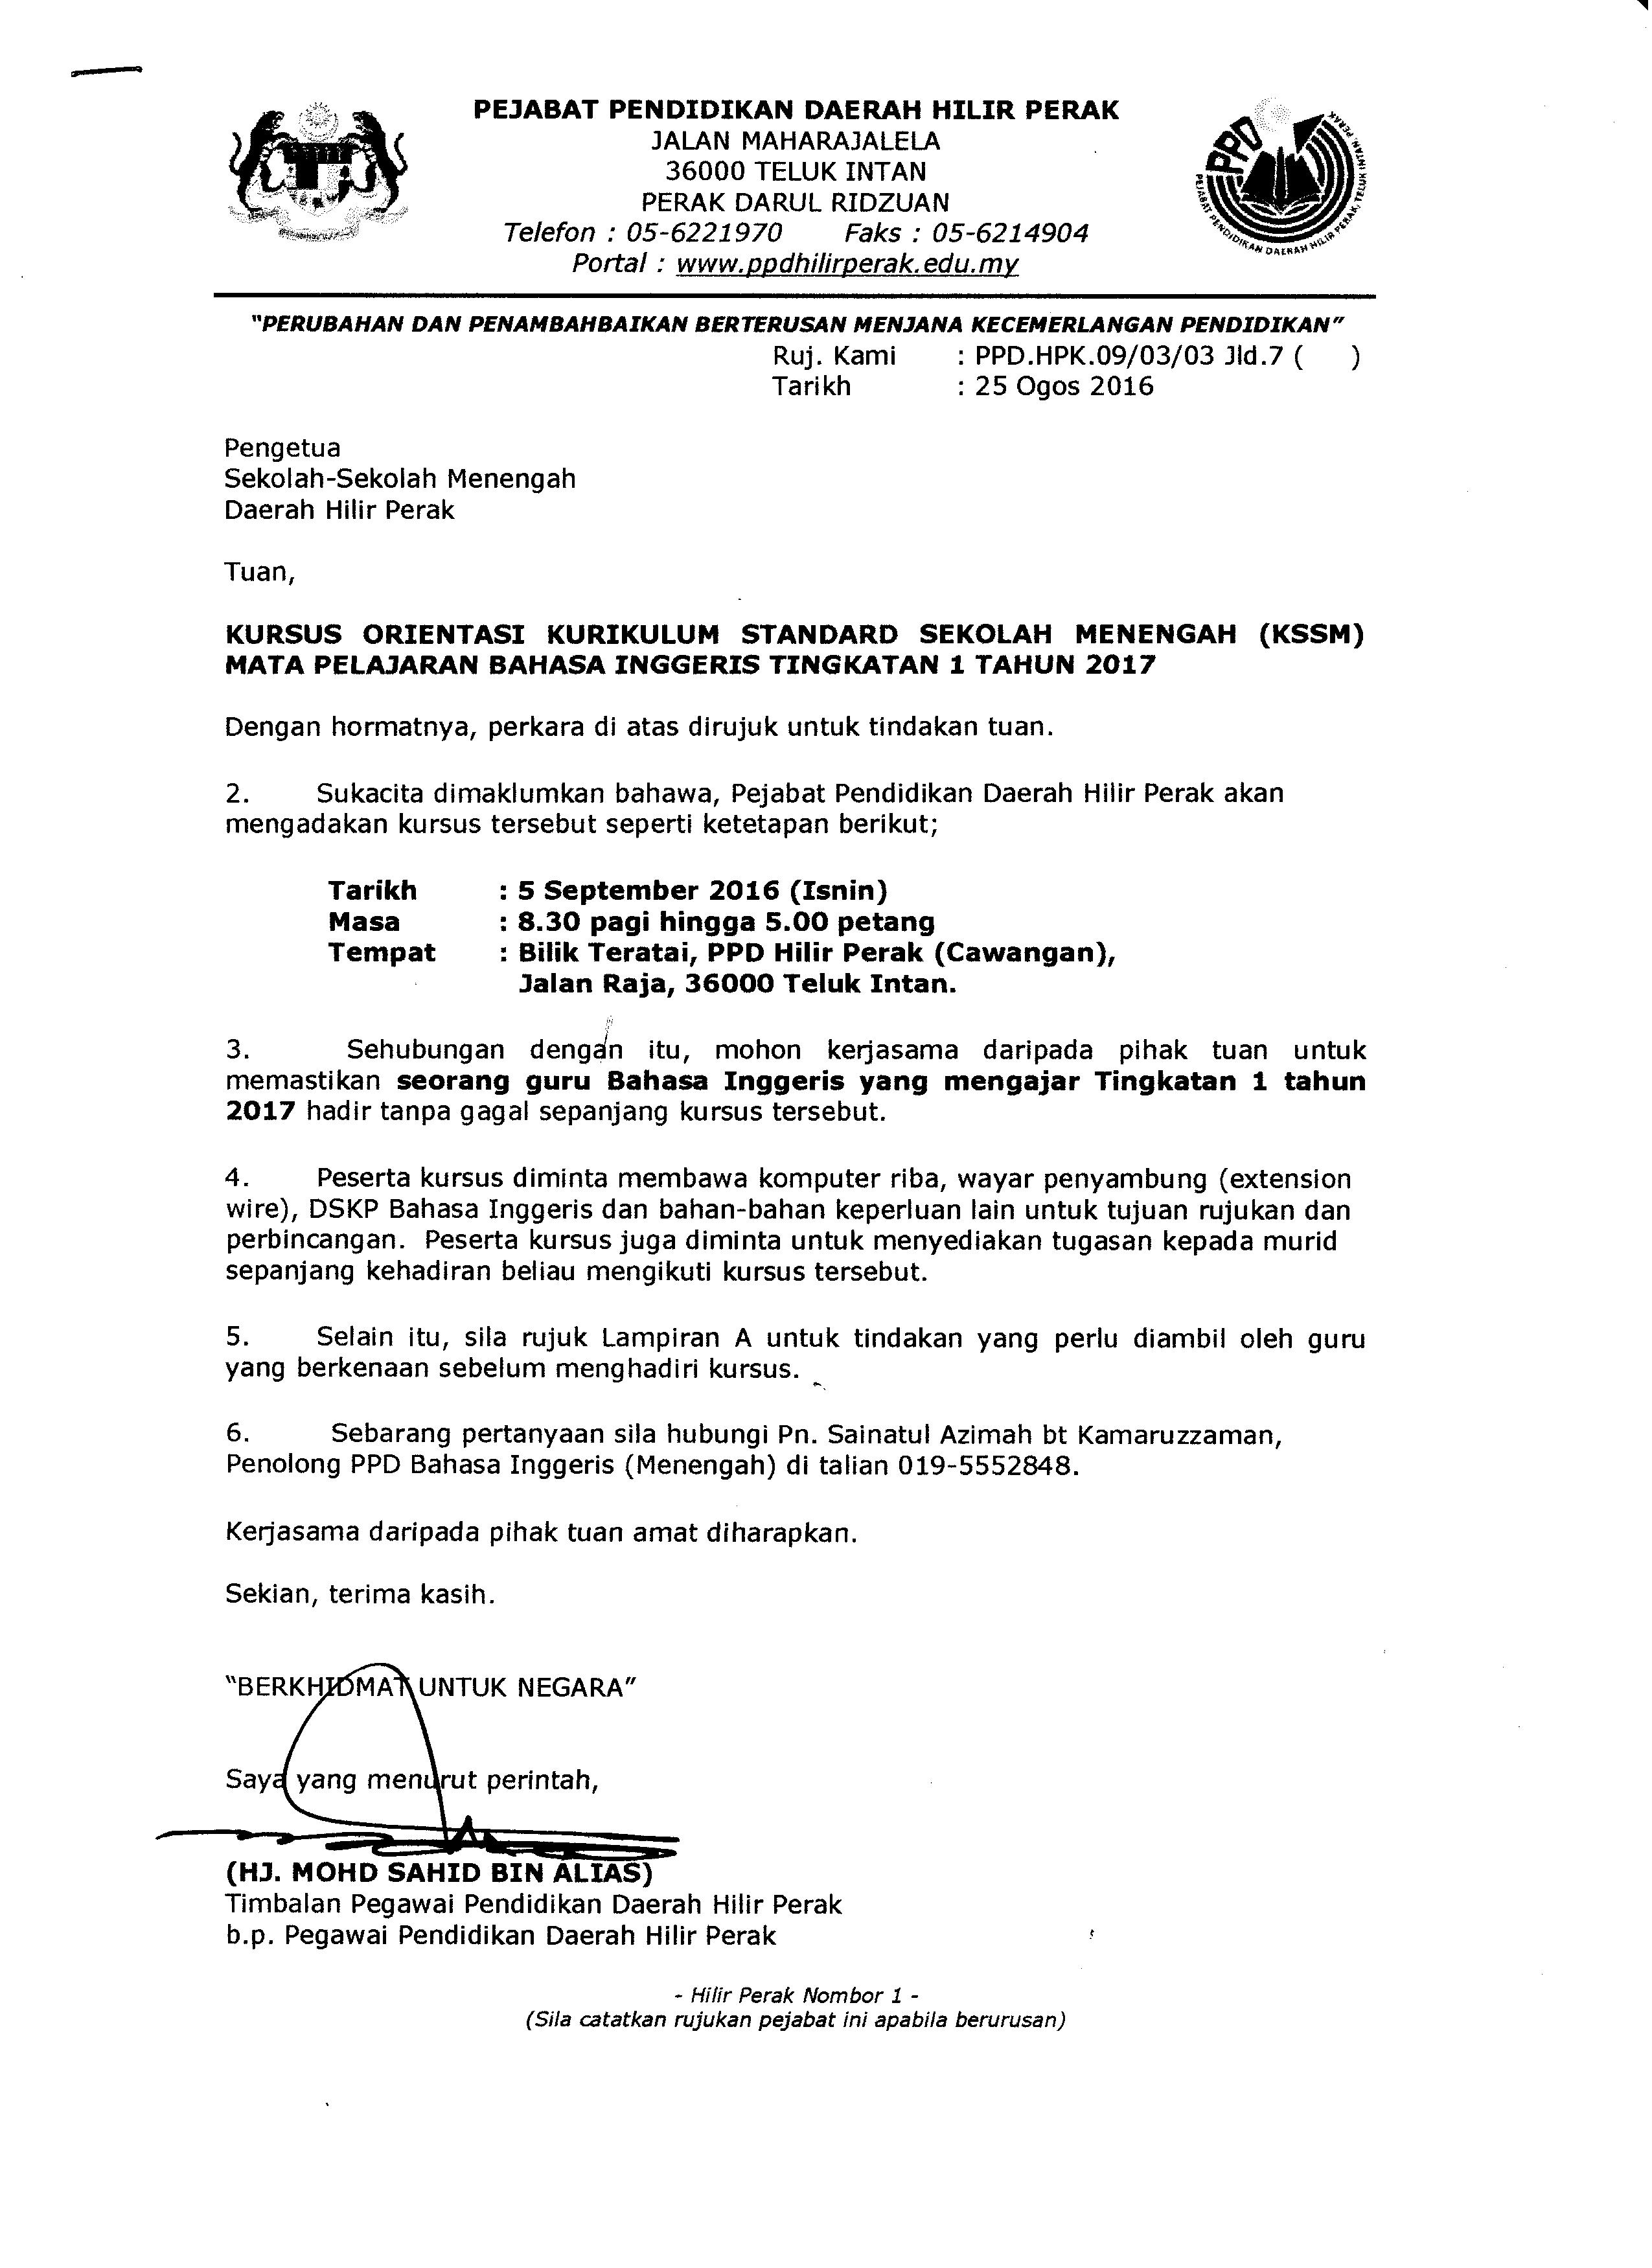 Download Dskp Bahasa Inggeris Tingkatan 3 Bernilai Portal Rasmi Ppd Hilir Perak Kursus Orientasi Dskp Kssm Bahasa Contoh Resume Cover Letter Curriculum Vitae Terbaik